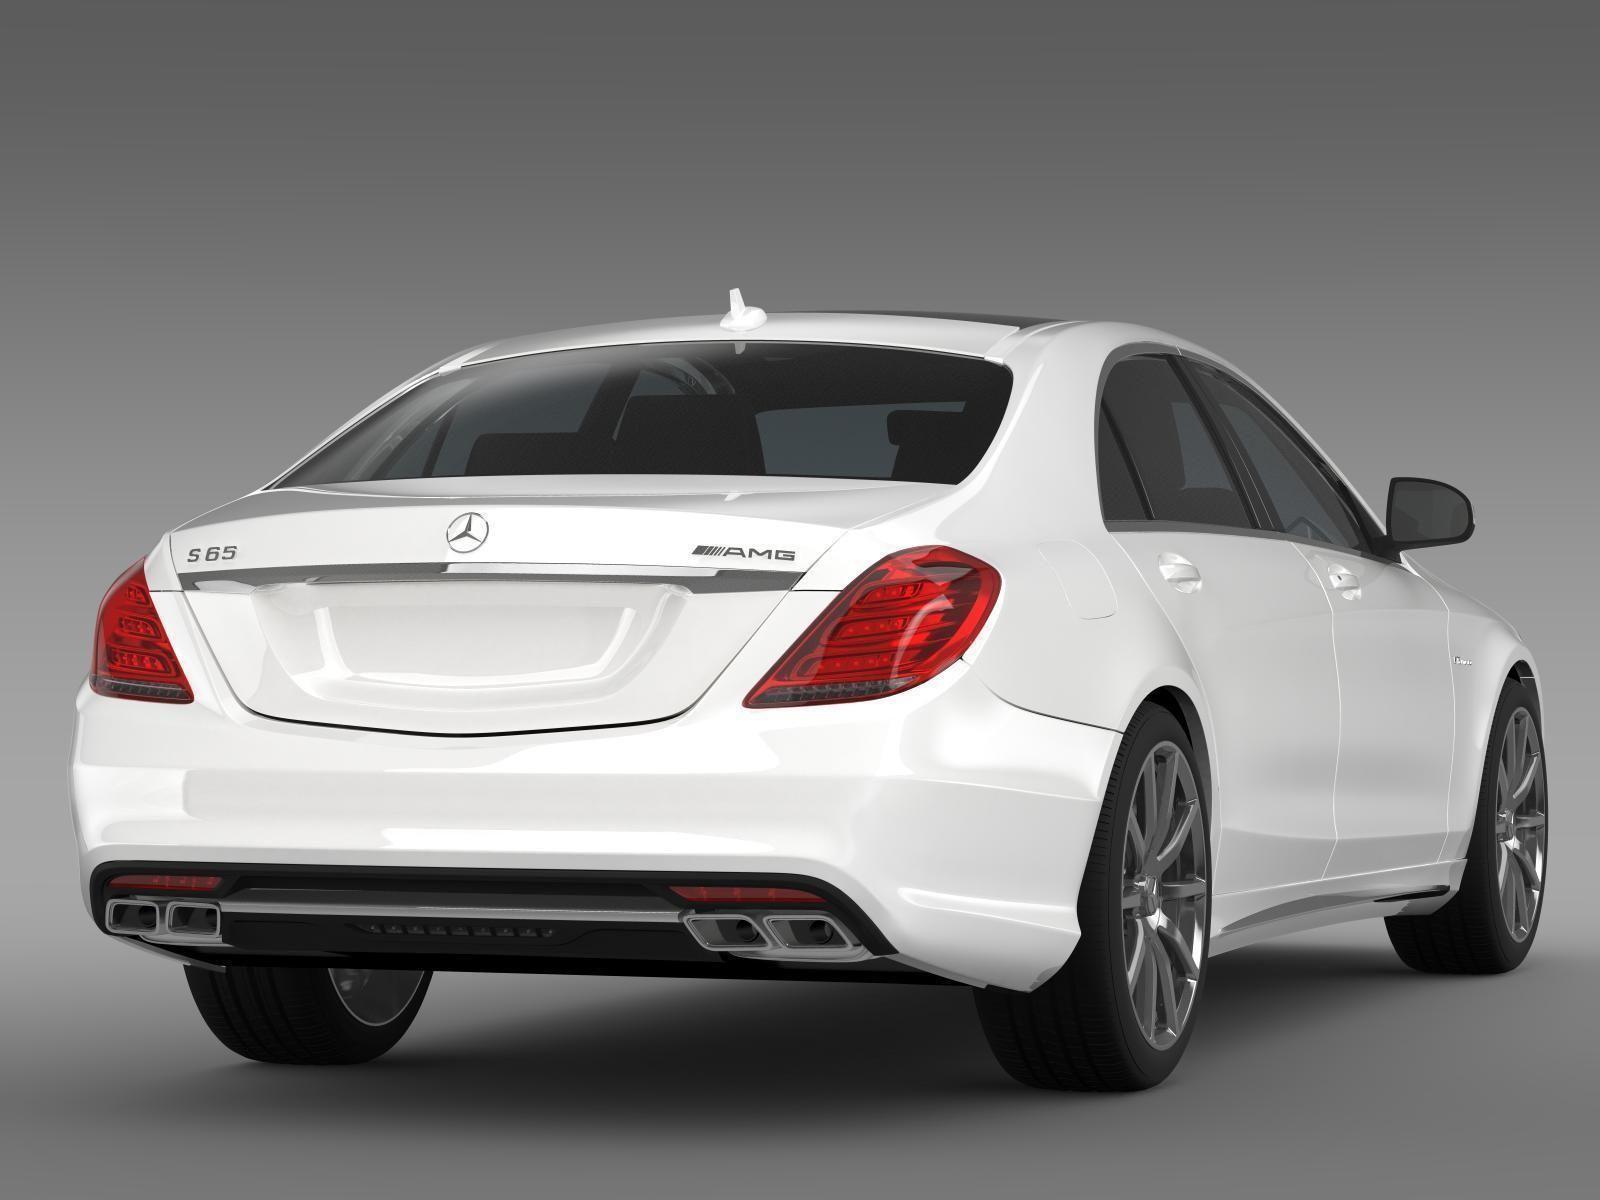 Mercedes benz s 65 amg w222 2014 3d model max obj 3ds for 2014 mercedes benz models